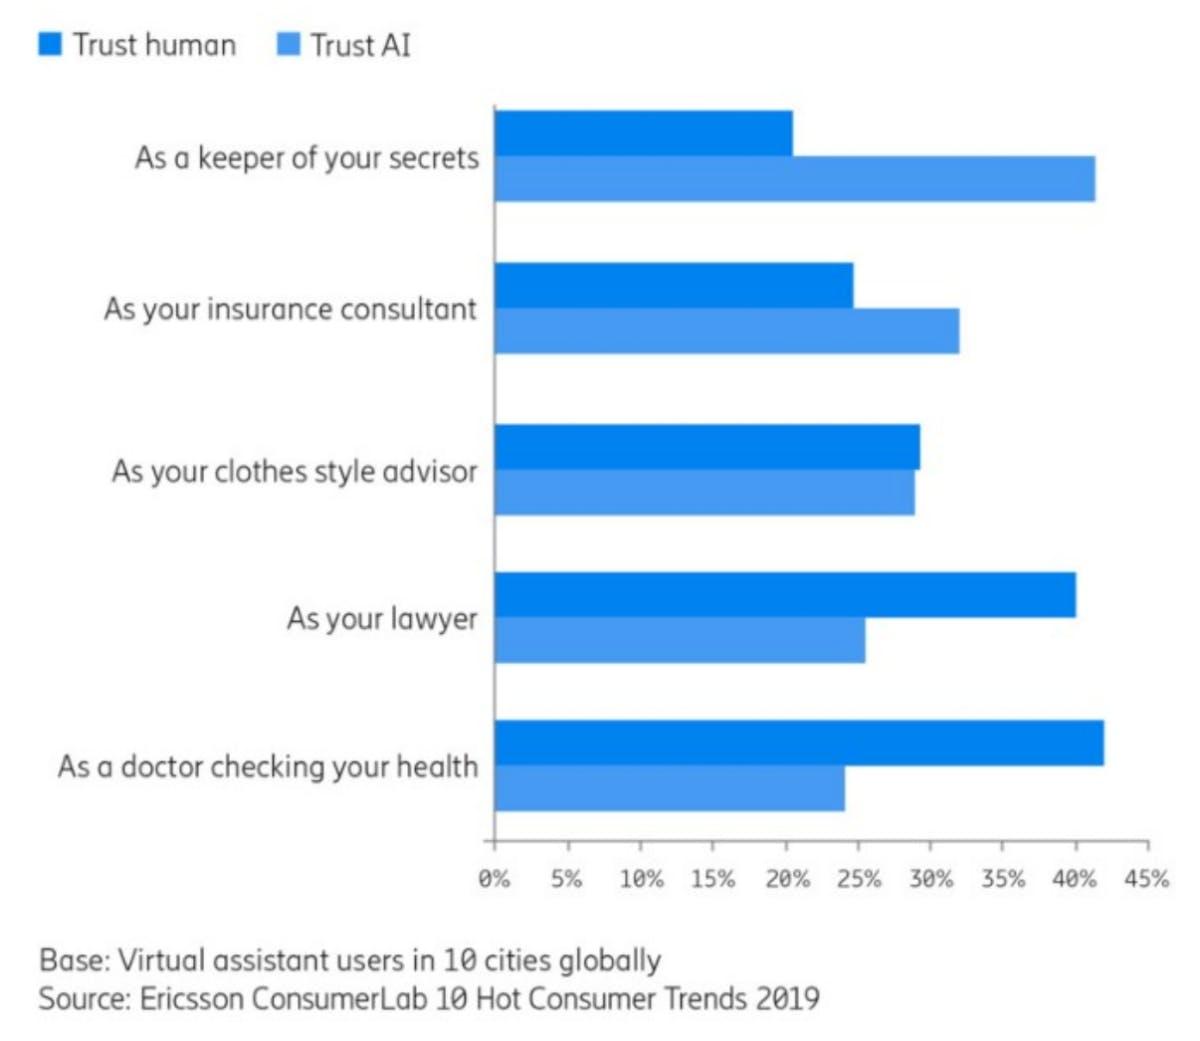 Vertrauen in Menschen bzw. KI unter Nutzern virtueller Assistenten (Grafik: Ericsson)